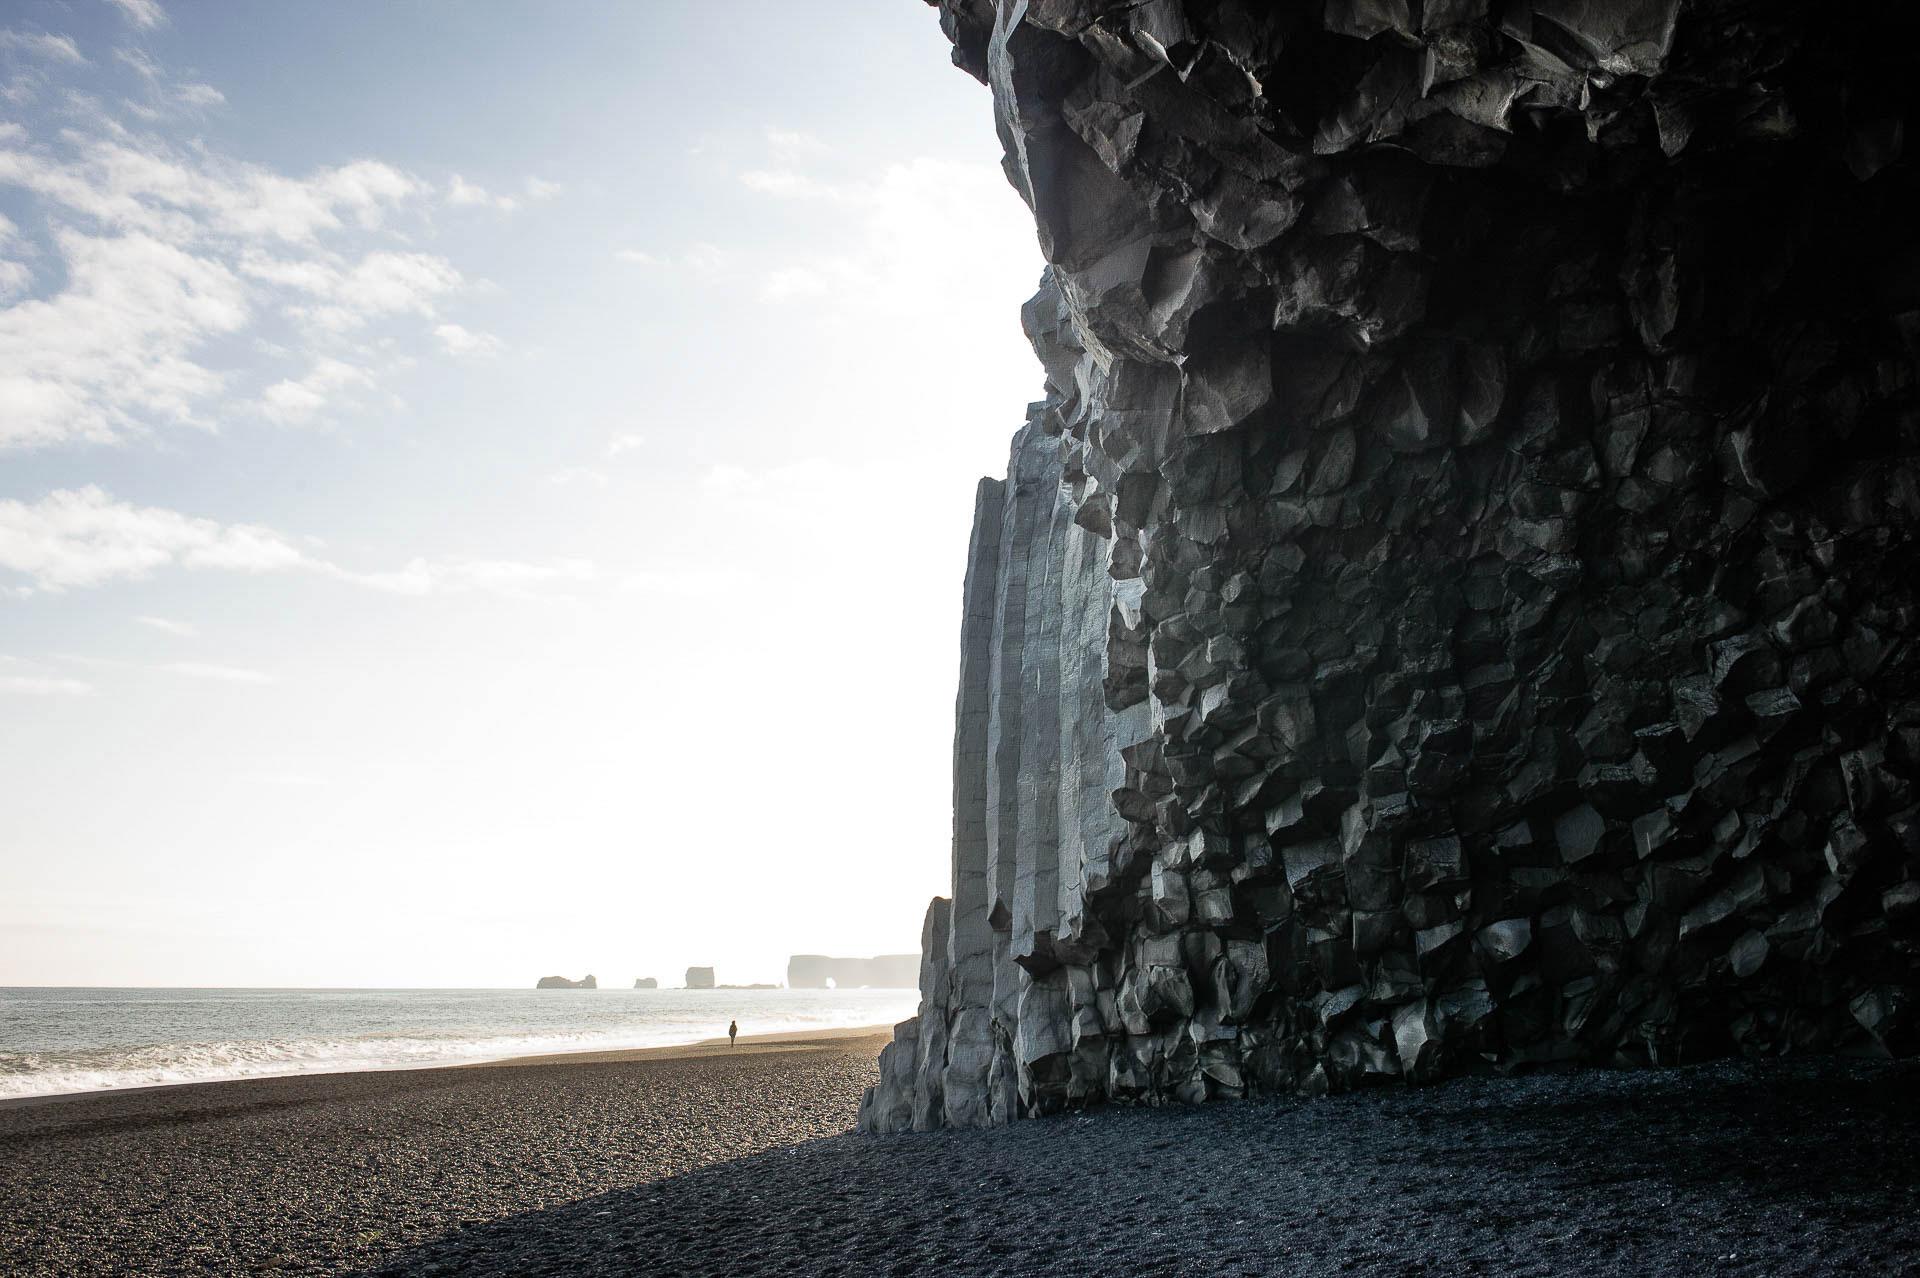 Fotostory Island von Redeleit und Junker - Basaltsäulen am Strand Atlantikküste